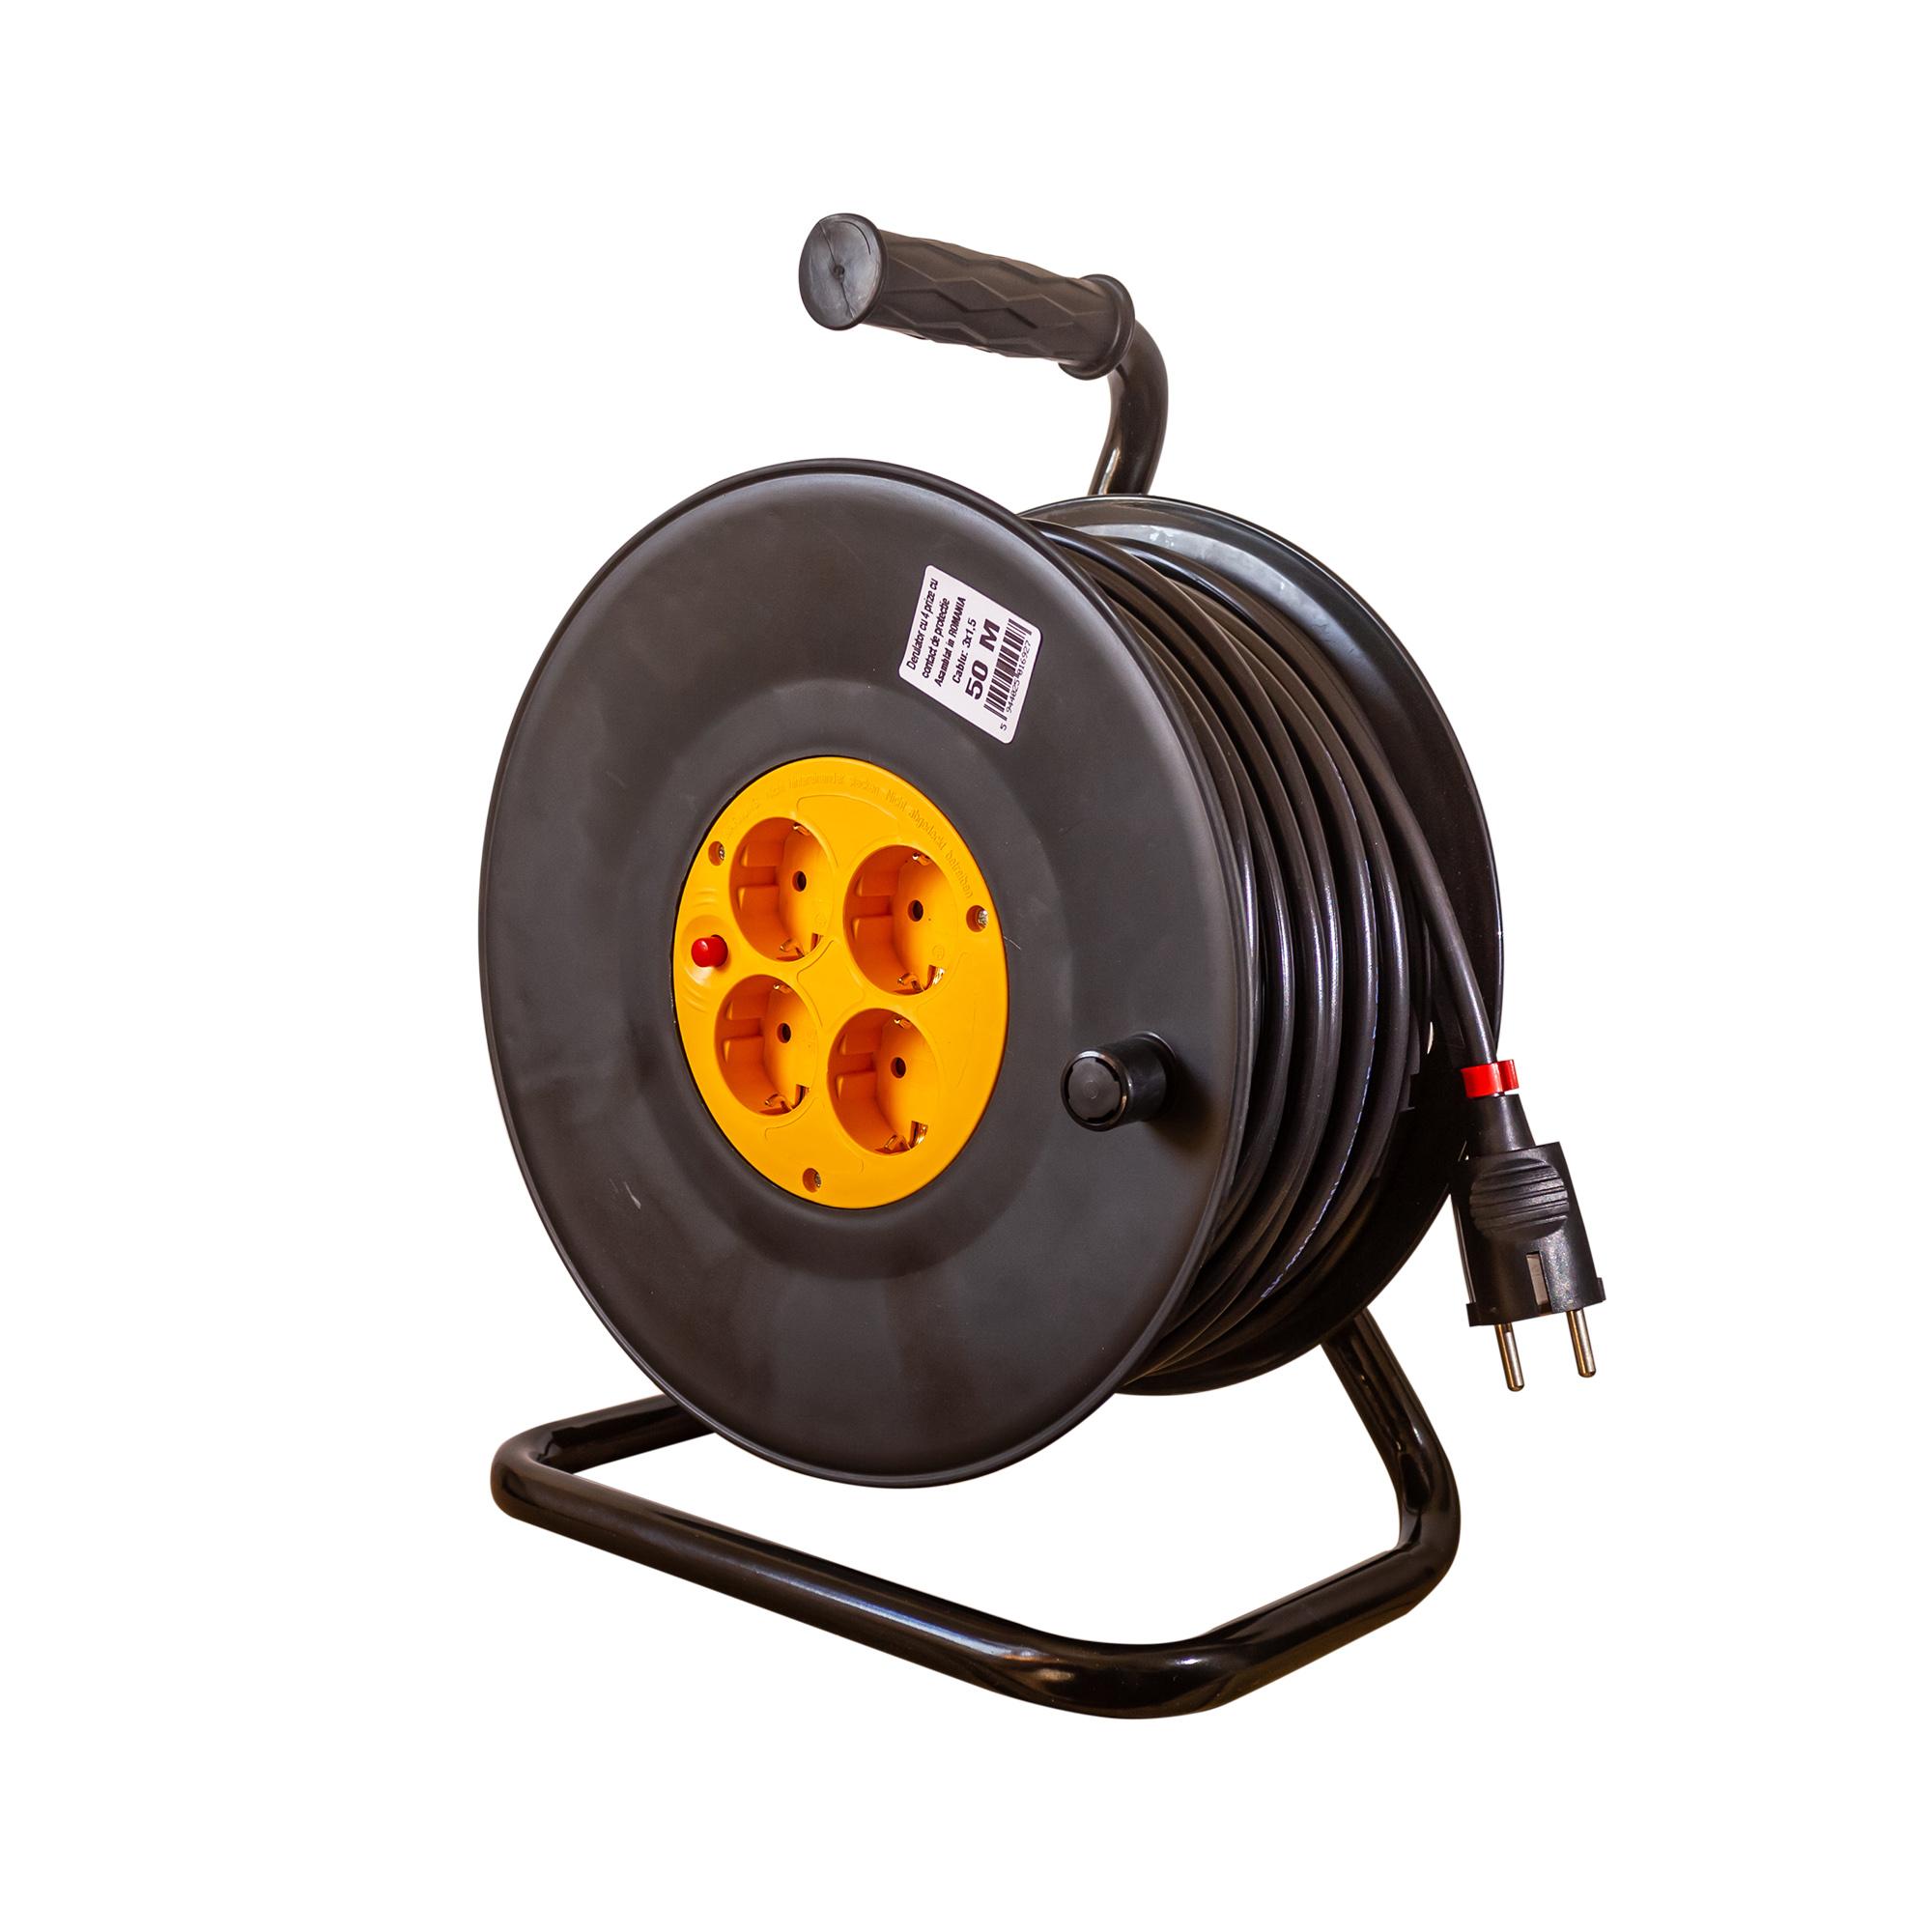 Derulator cablu electric cu 4 prize, Schuko, 3 x 1,5 mmp, 30 m mathaus 2021